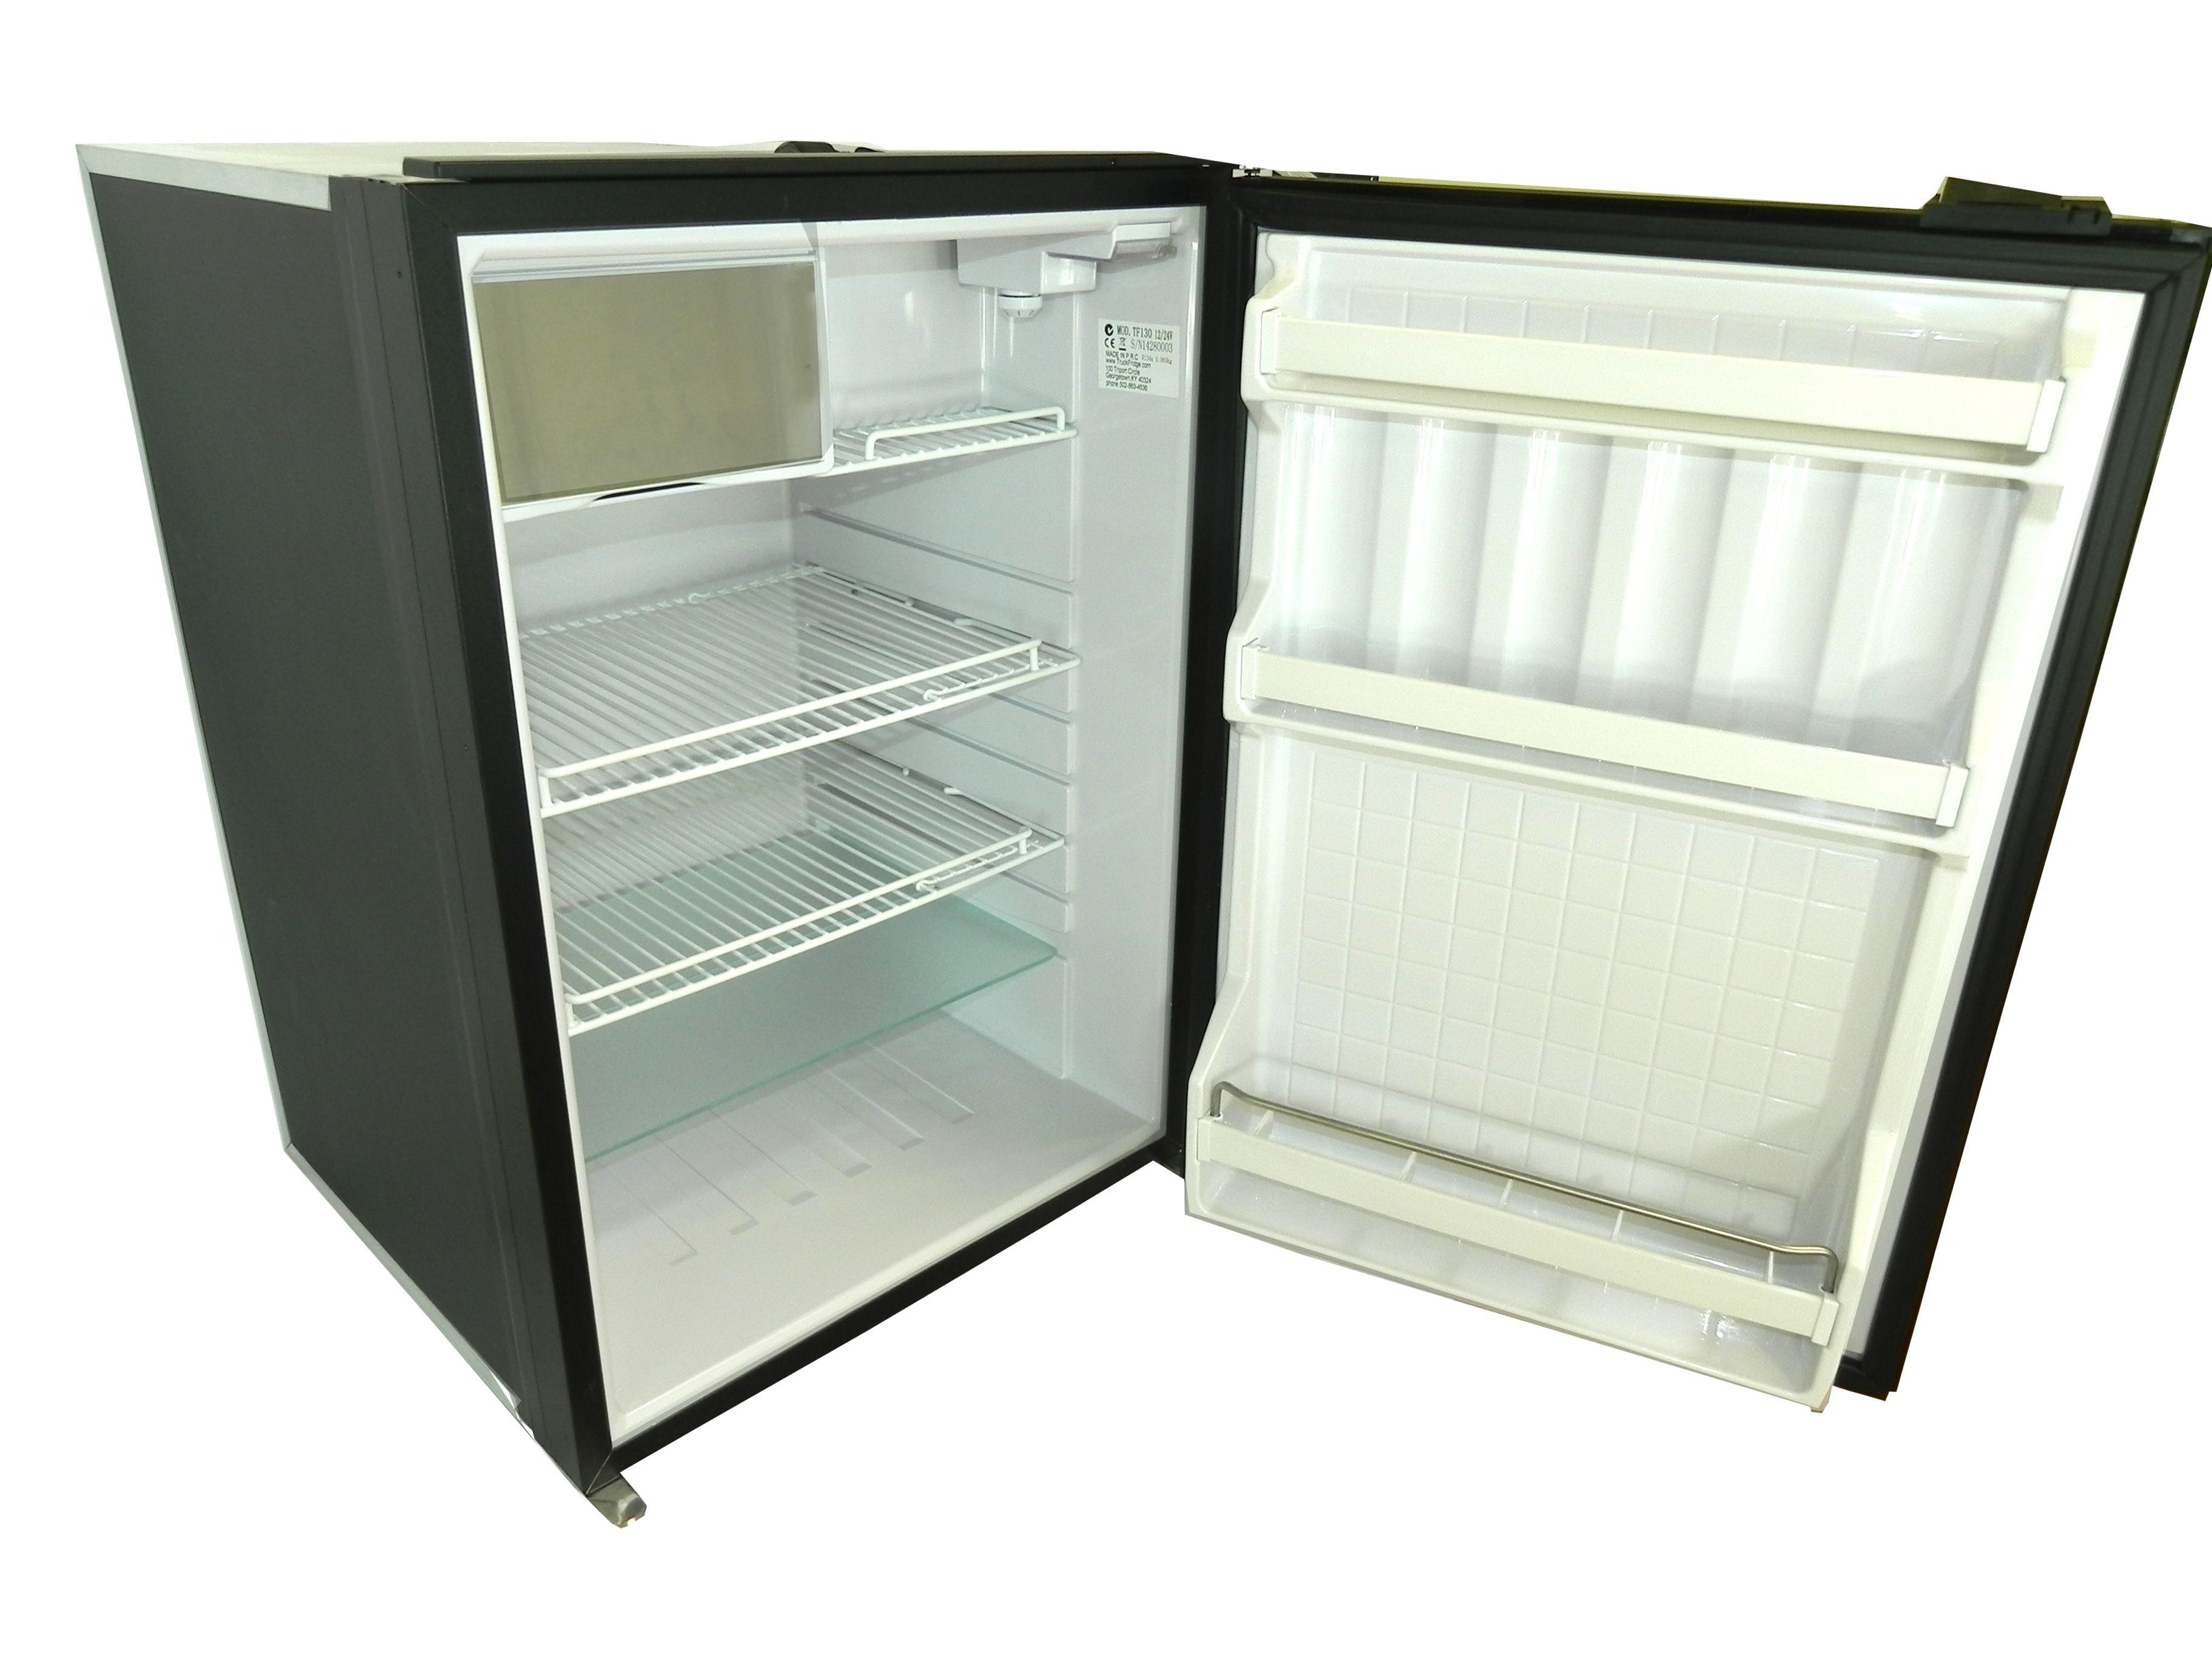 Custom Semi Truck Refrigerator For Commercial Trucks Truckfridge Black Refrigerator Commercial Vehicle Built In Refrigerator